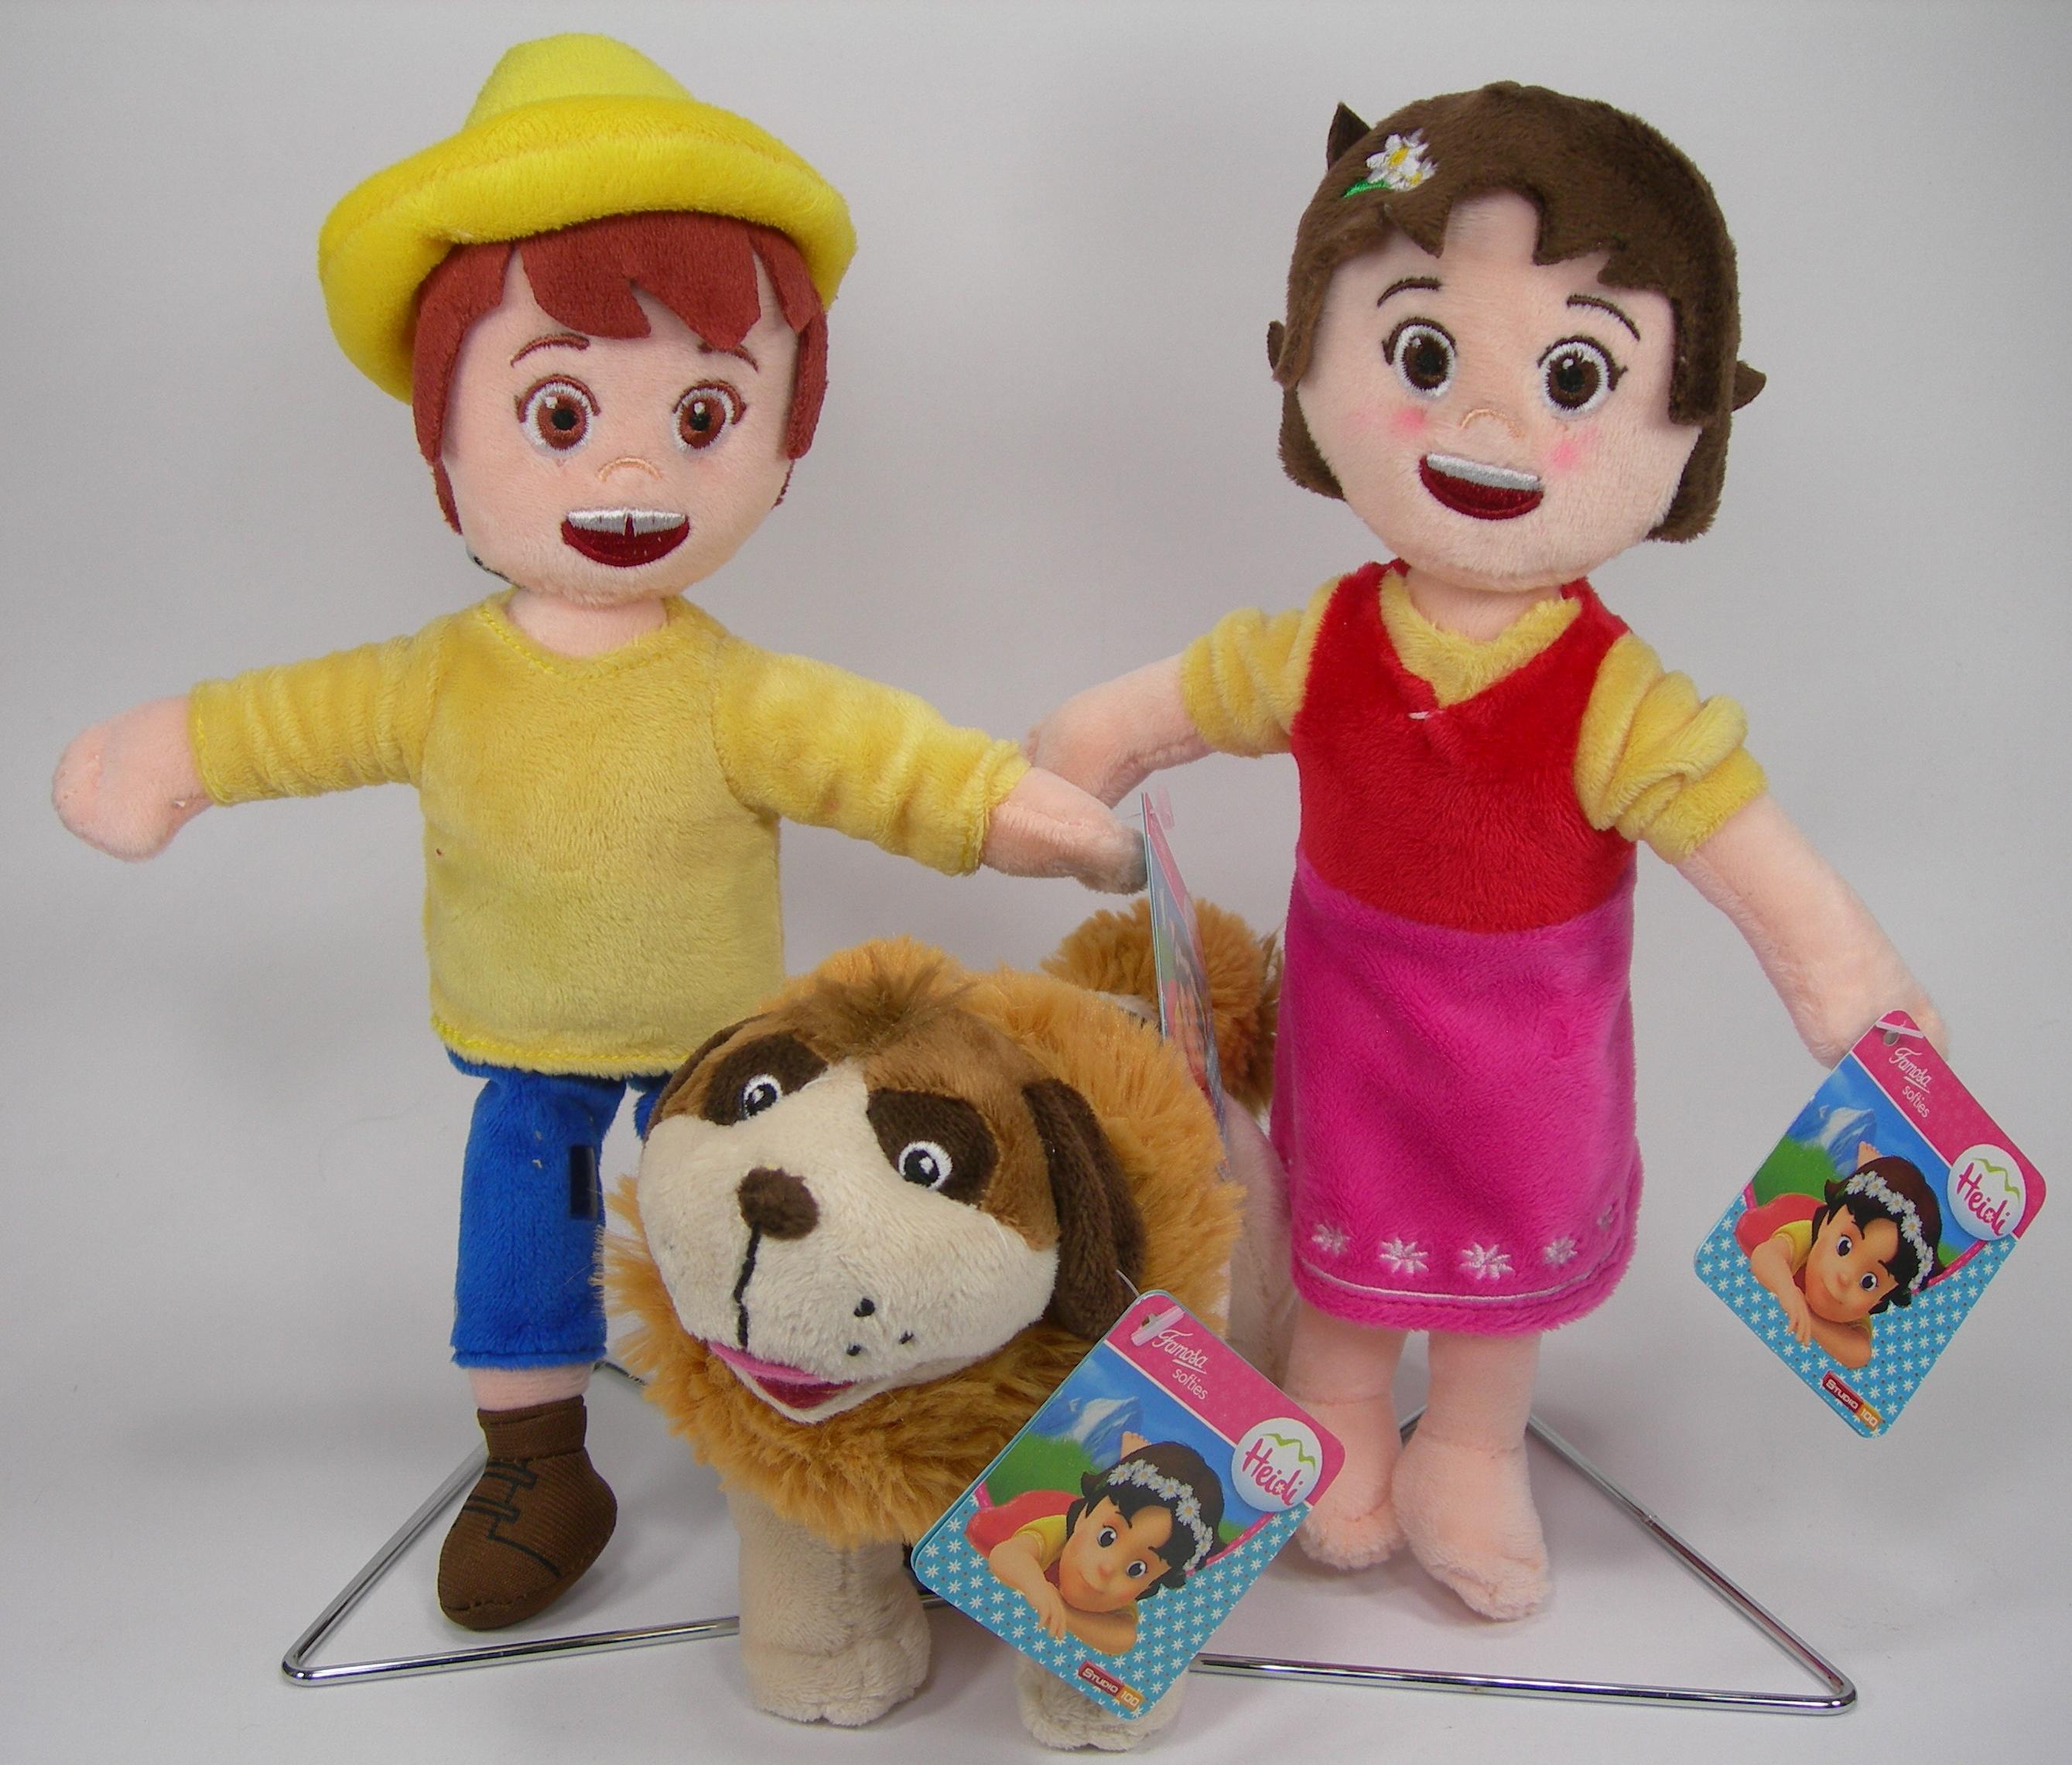 Heidi e amici peluche 25 cm Qualità velluto Nebbia Peter Originale